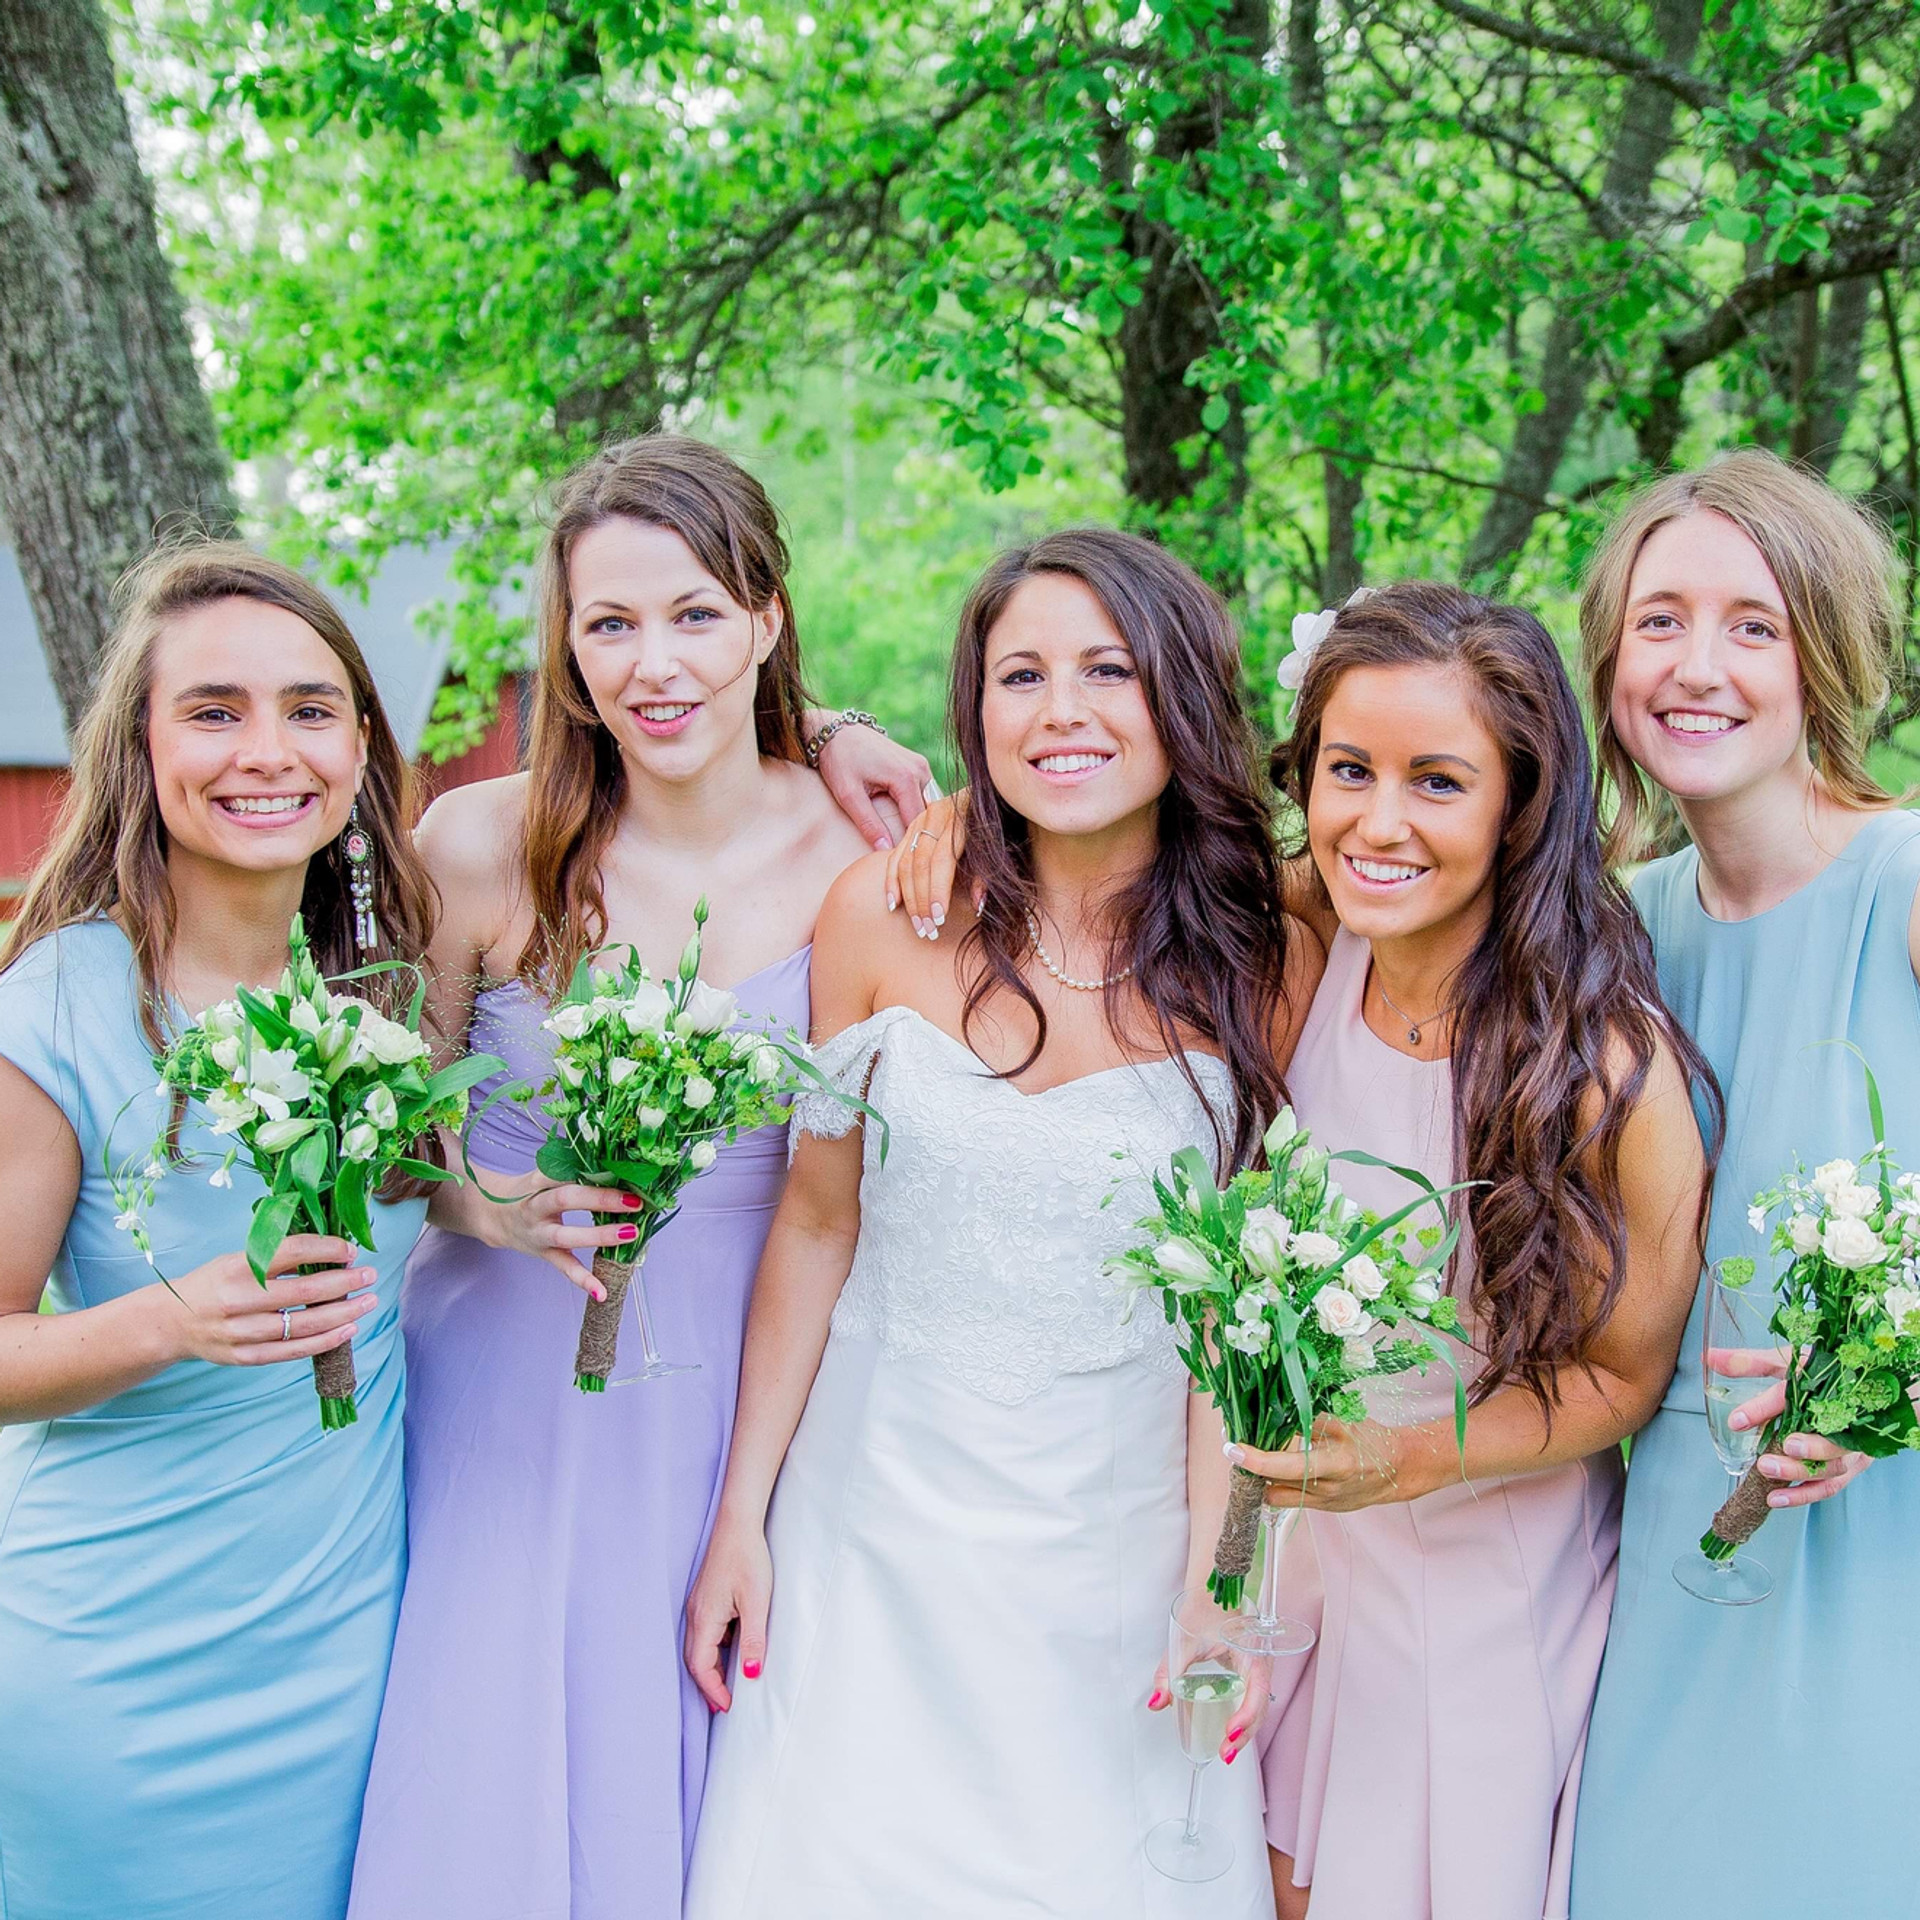 Bröllop_Gålö_brudtärnor,_bridesmaids_Add